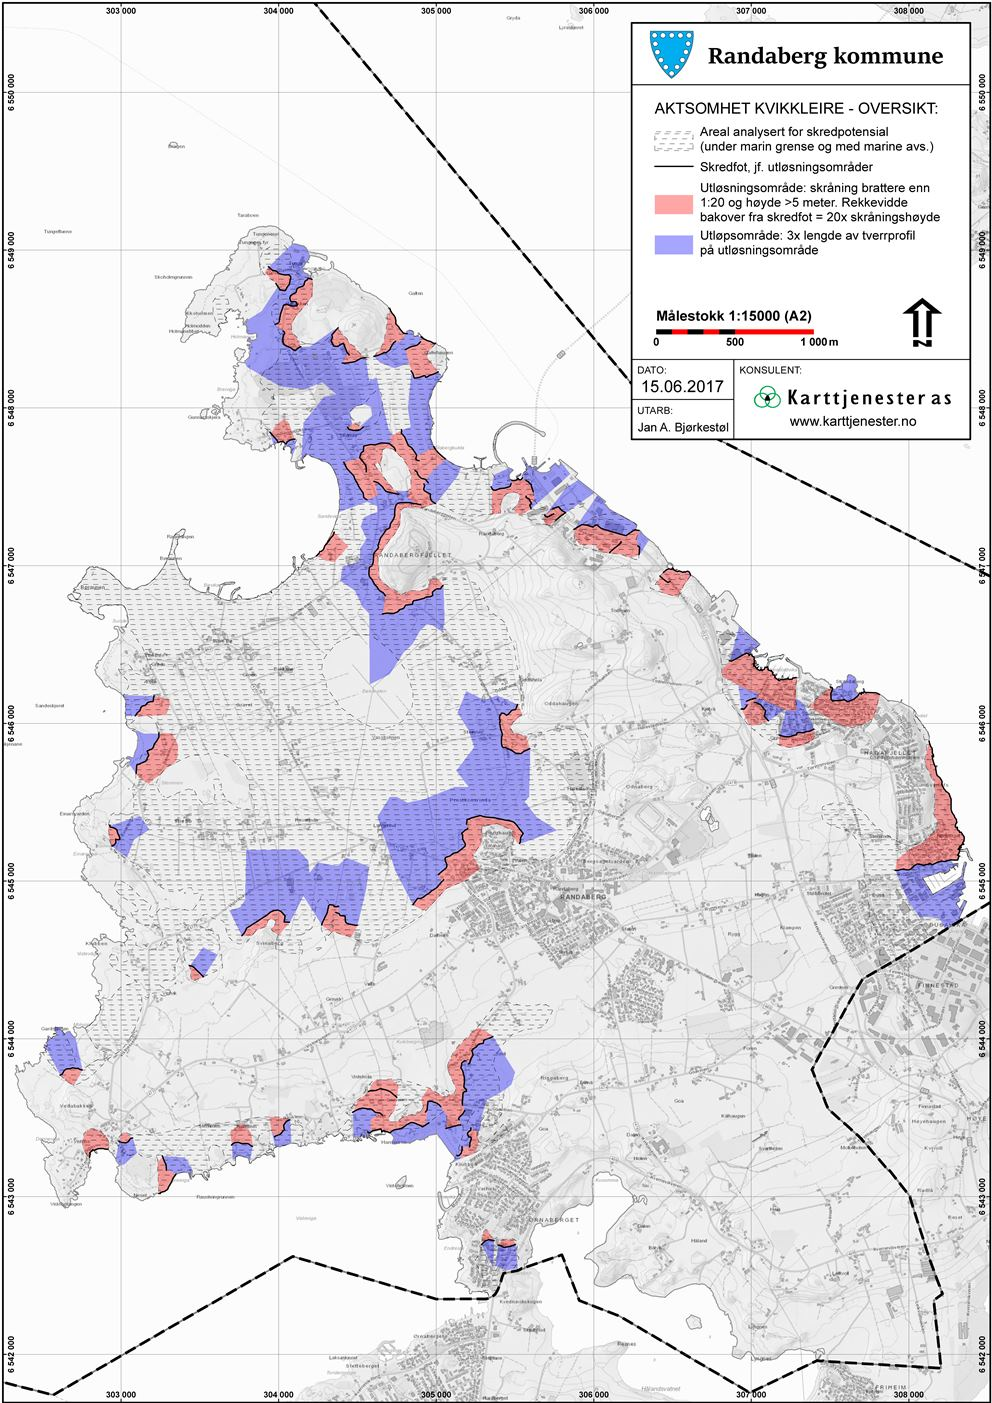 2. Kart over utløsnings- og utløpsområder for potensielle kvikkreireskredd